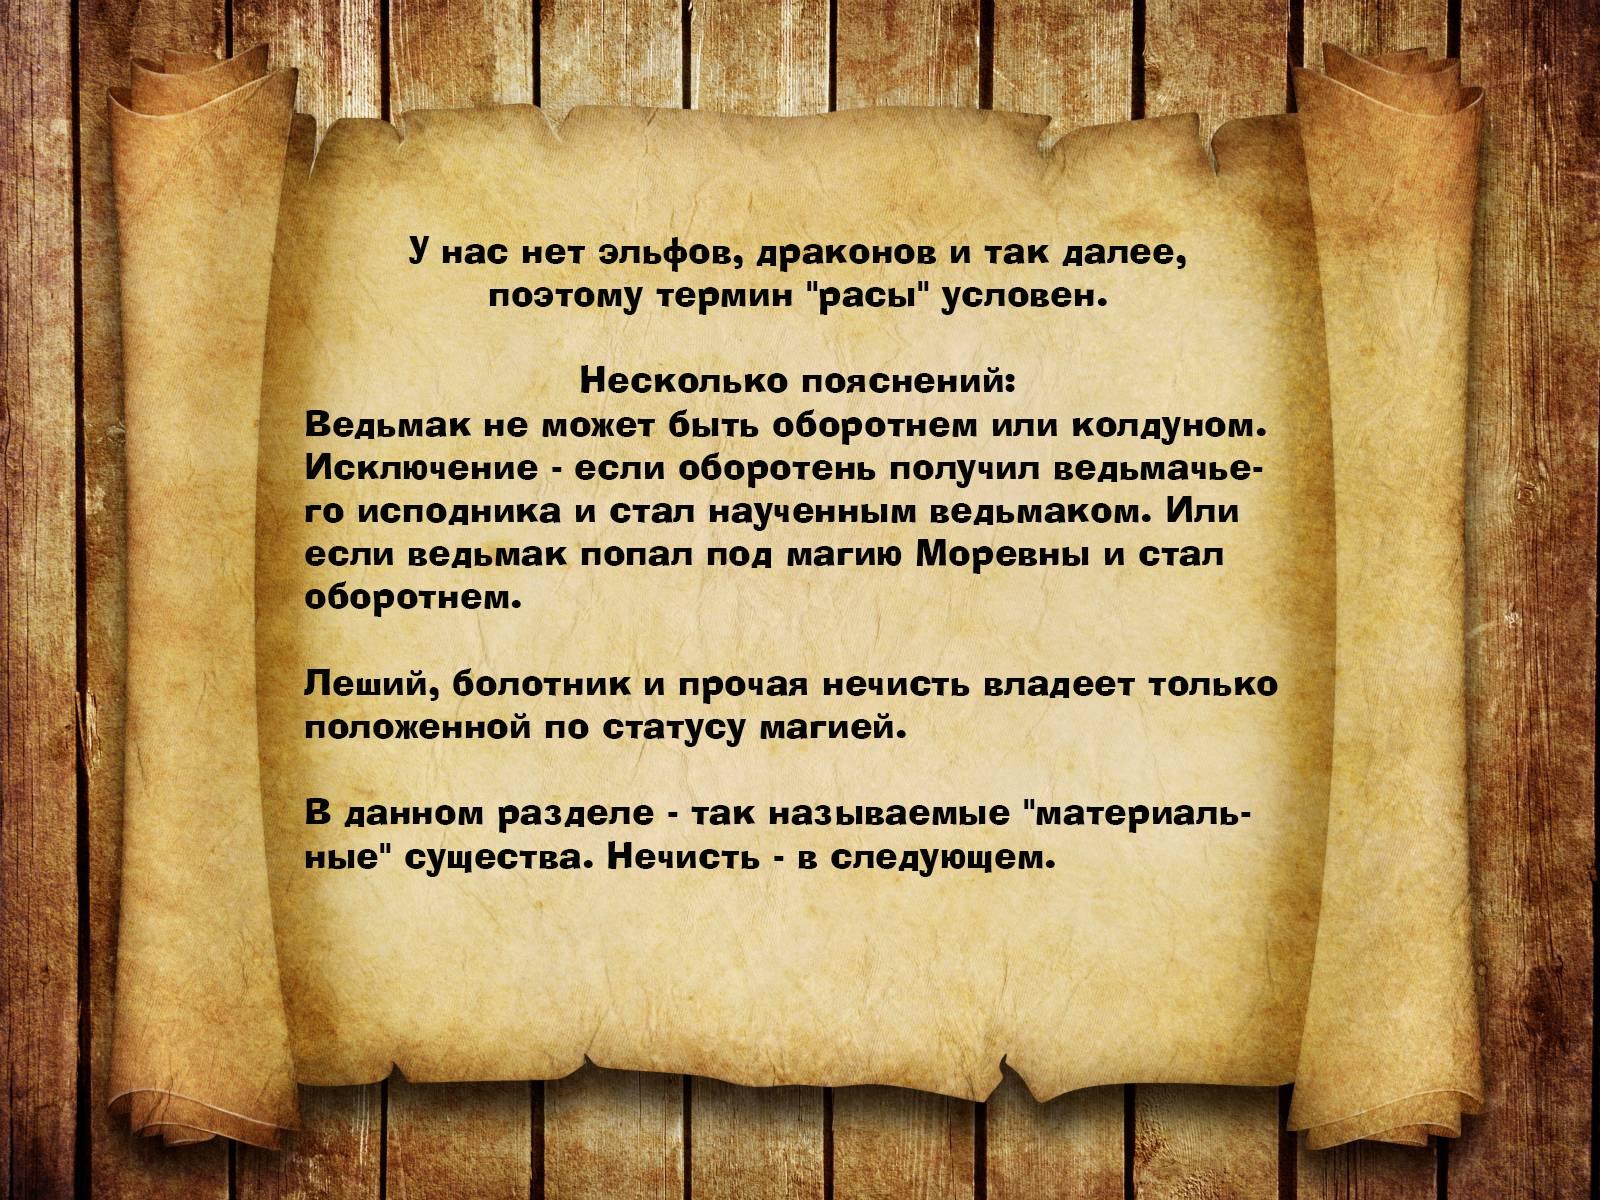 https://pp.userapi.com/c846416/v846416938/121248/pg91KJL_YtE.jpg